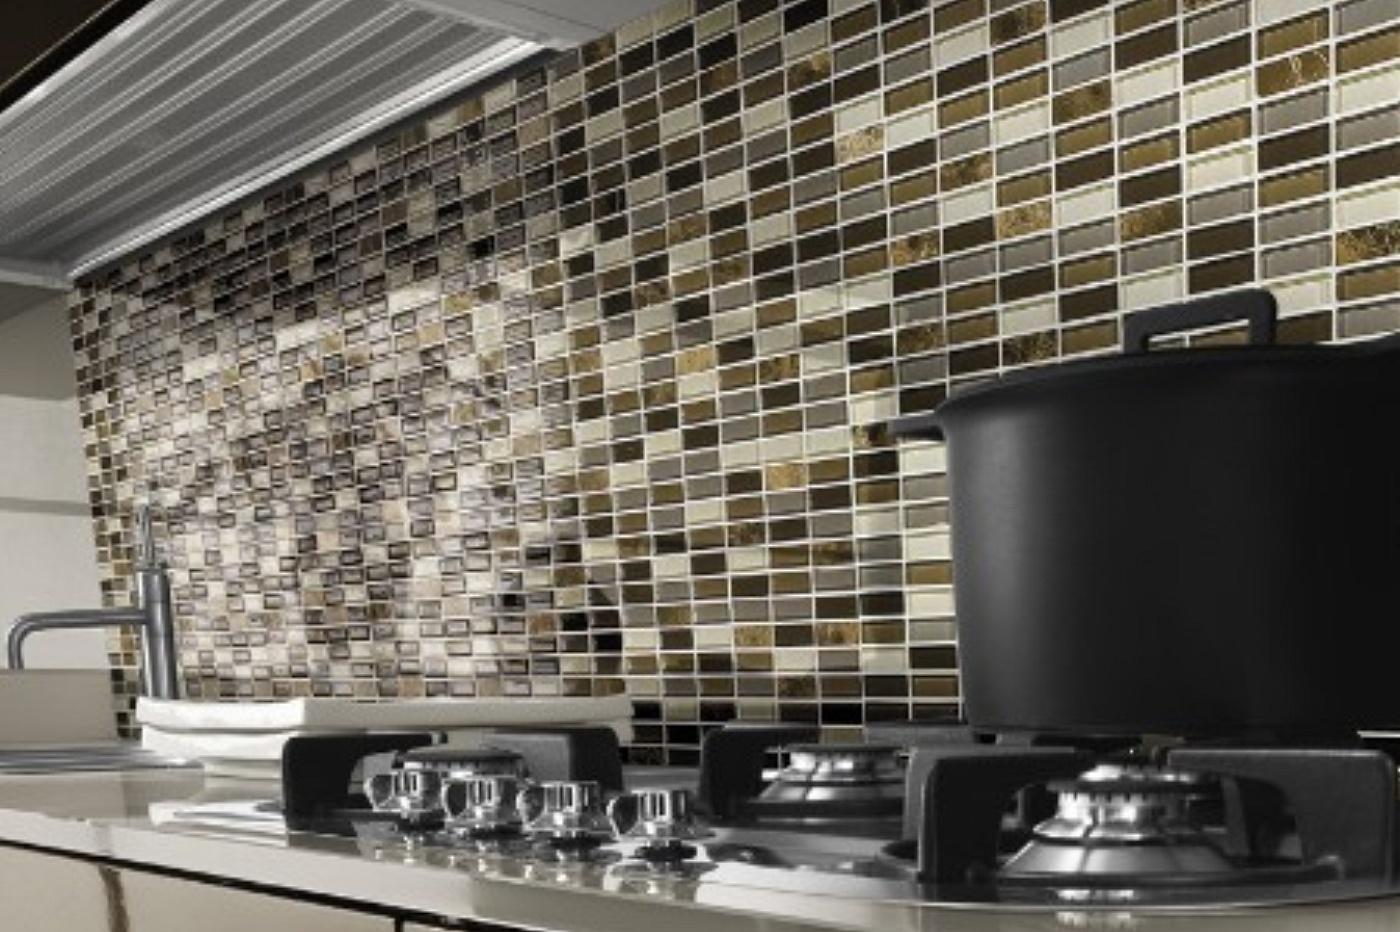 La mattonella rivestimenti - Piastrelle a mosaico per cucina ...